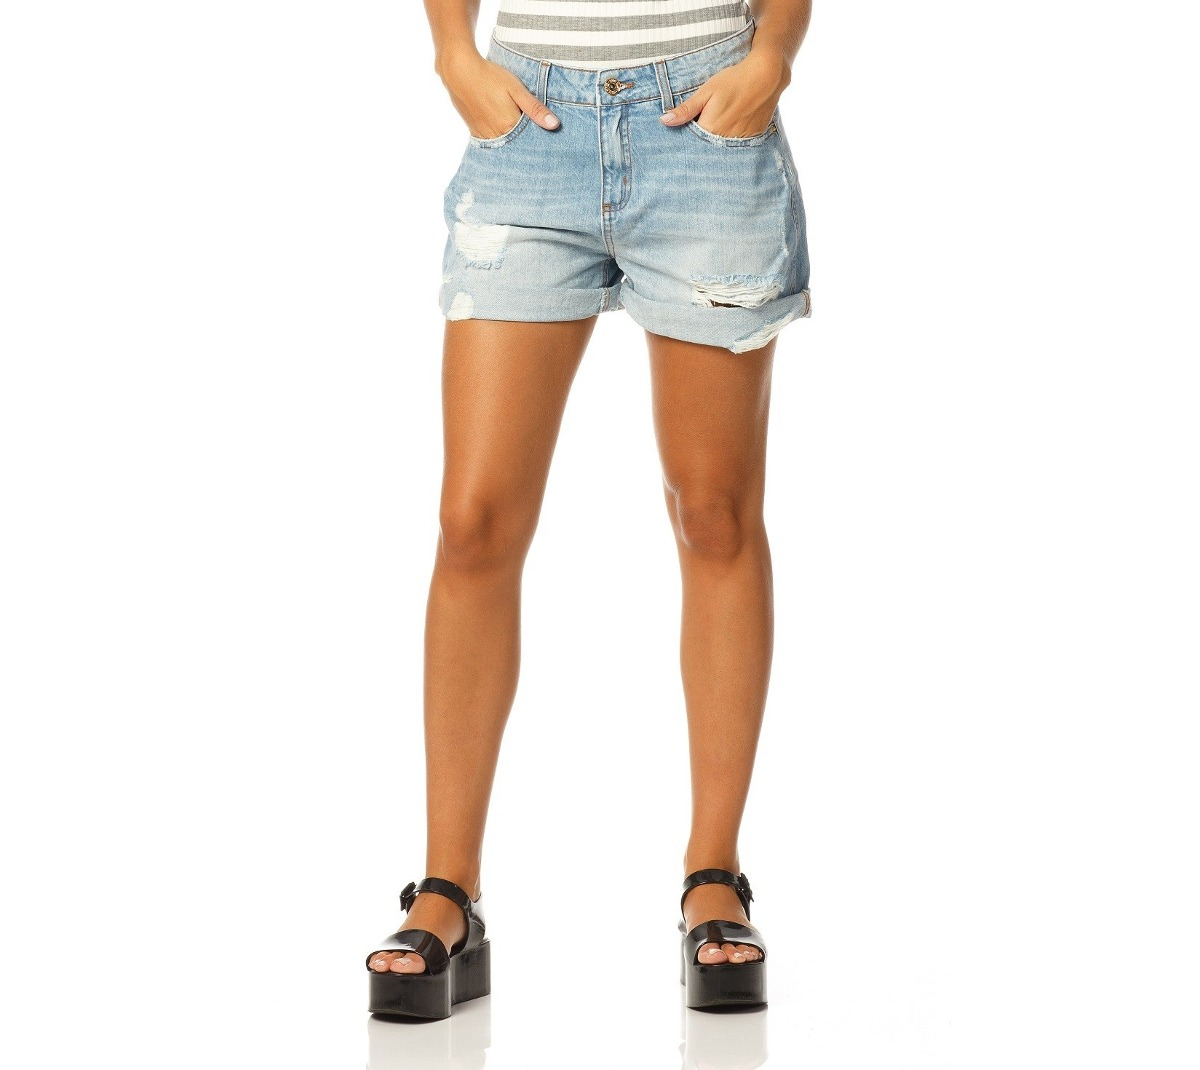 e64d3d863 shorts feminino boyfriend jeans claro denim zero - dz6160. Carregando zoom.